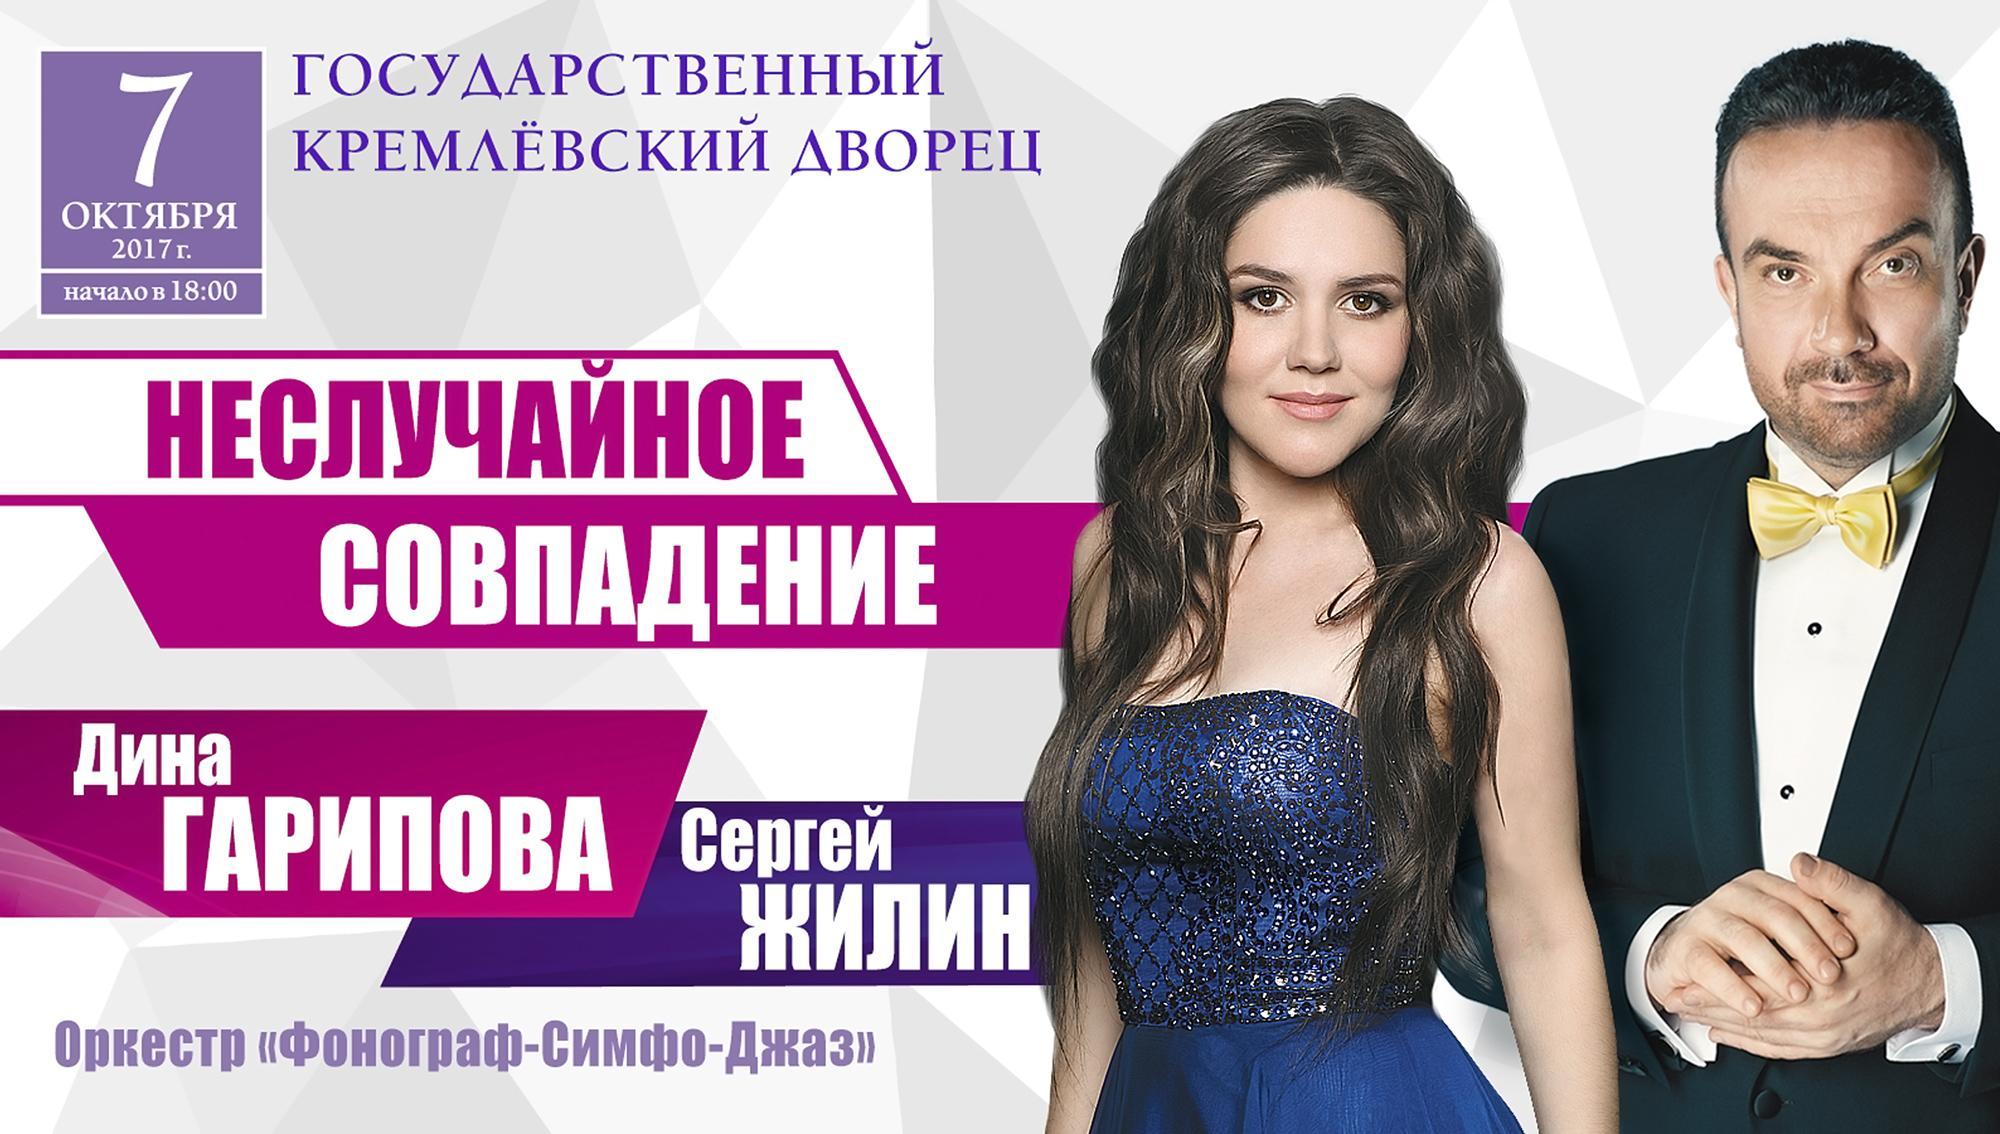 Дина Гарипова и Сергей Жилин приглашают на свой концерт «Неслучайное совпадение» в Кремлевский Дворец